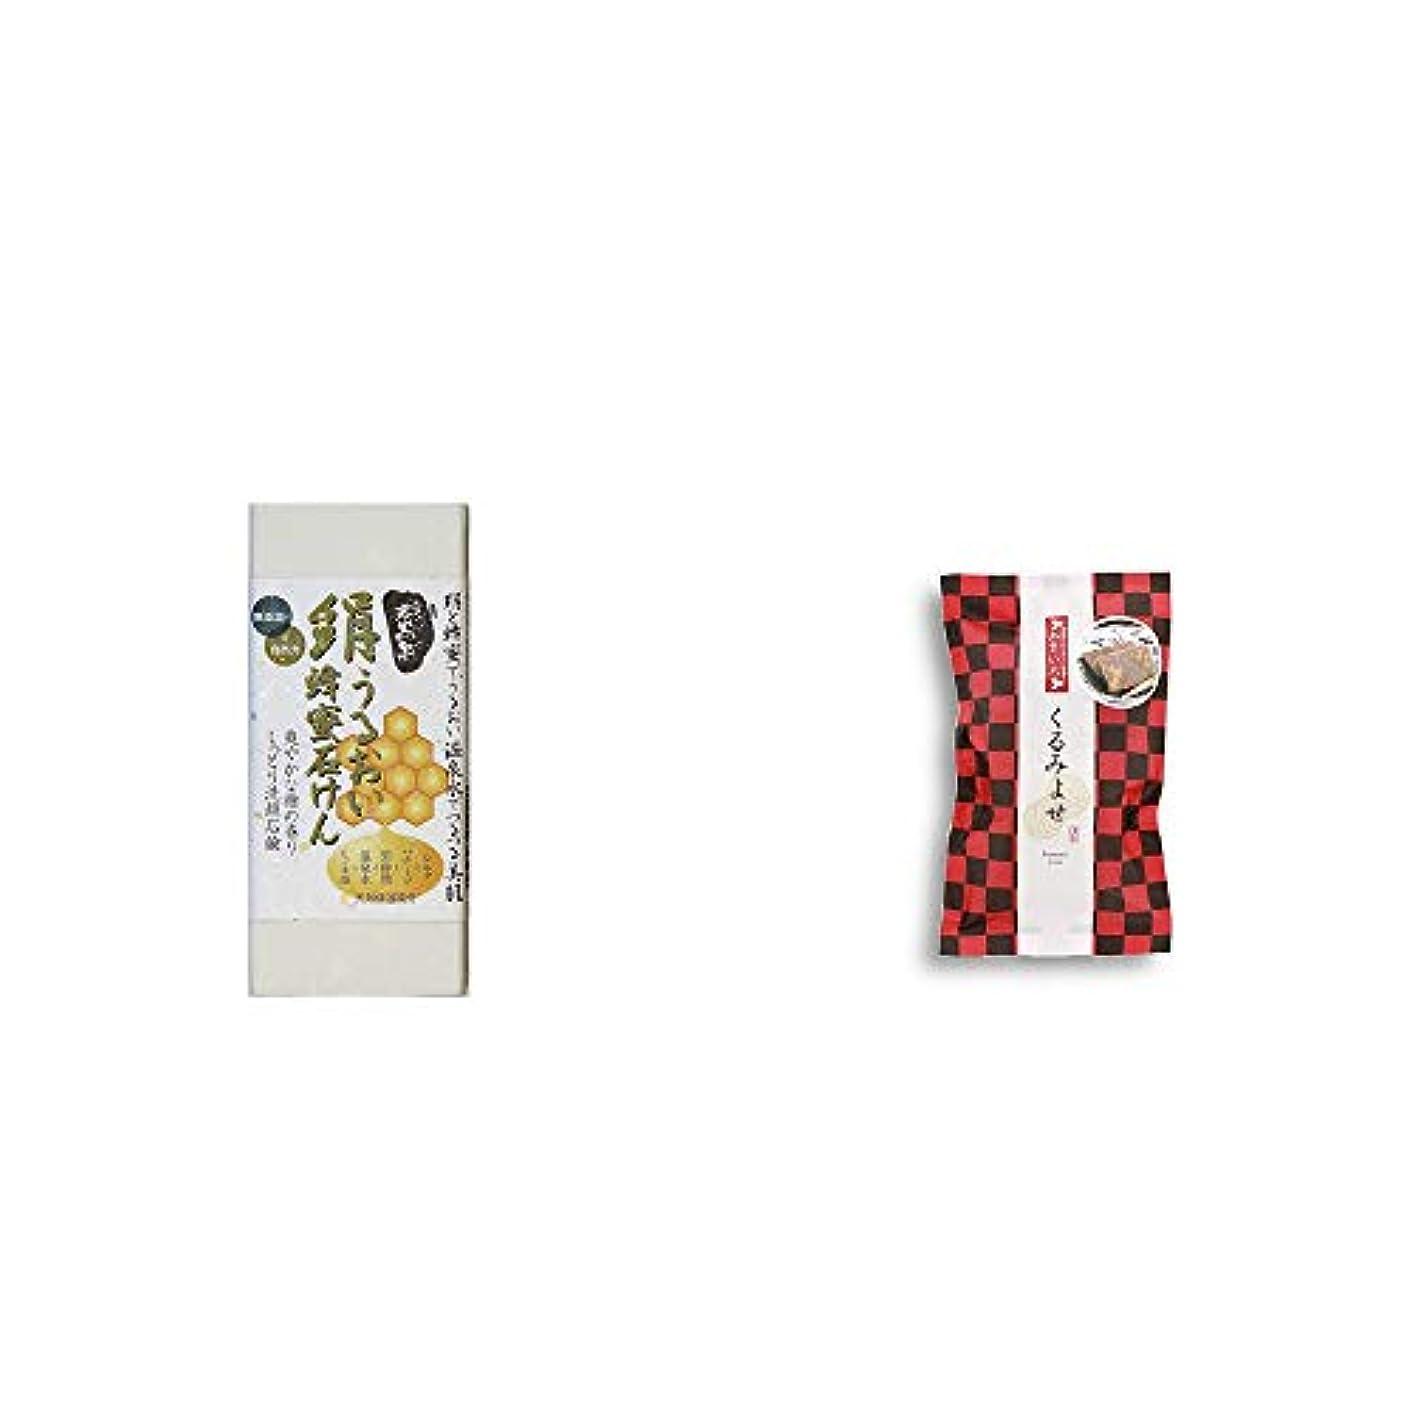 費やす幼児装置[2点セット] ひのき炭黒泉 絹うるおい蜂蜜石けん(75g×2)?くるみよせ(こし餡)(5個入)